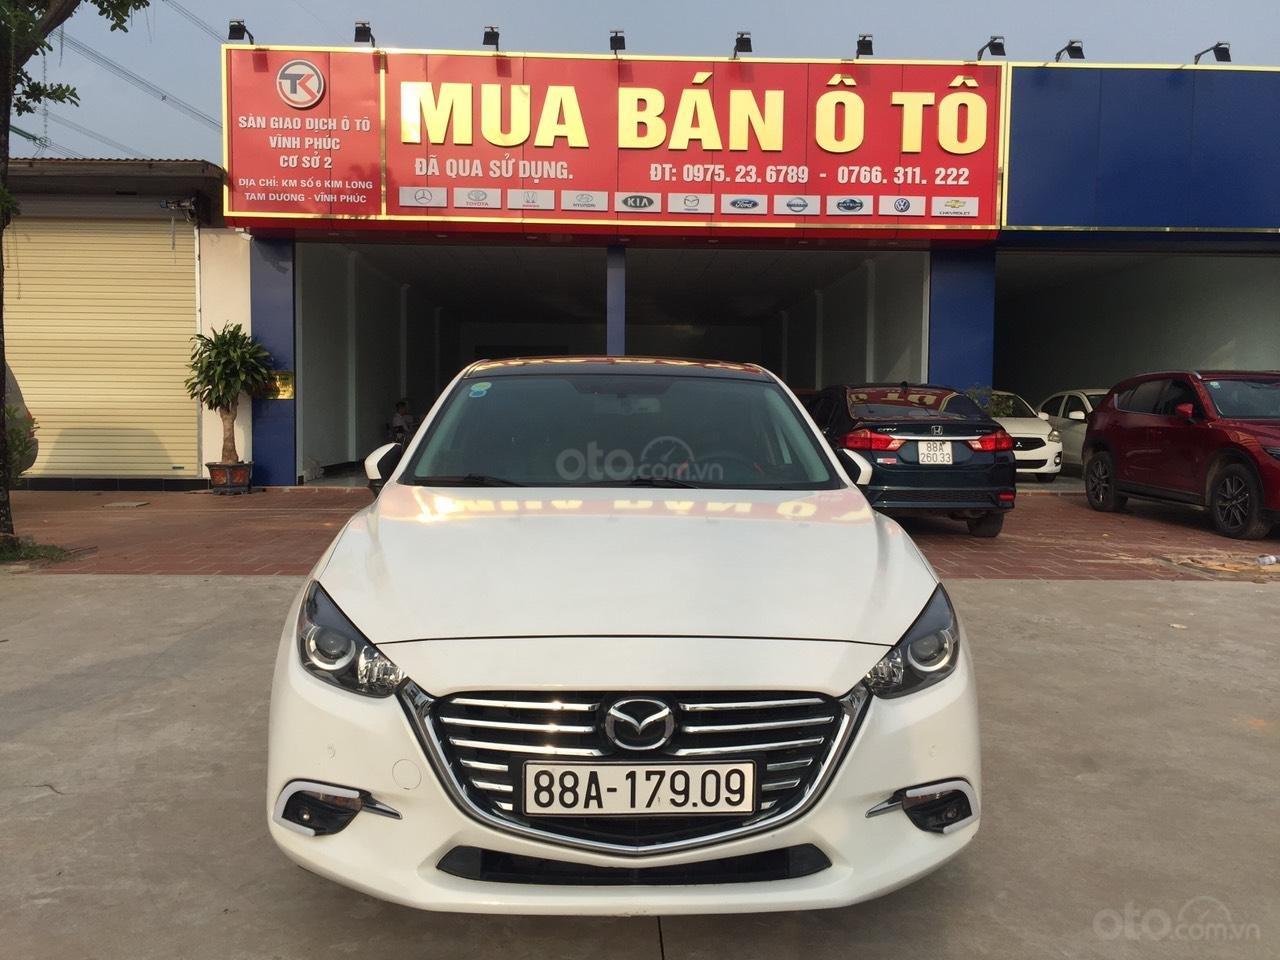 Bán nhanh xe Mazda 3 đời 2017, giá chỉ 545 triệu (1)